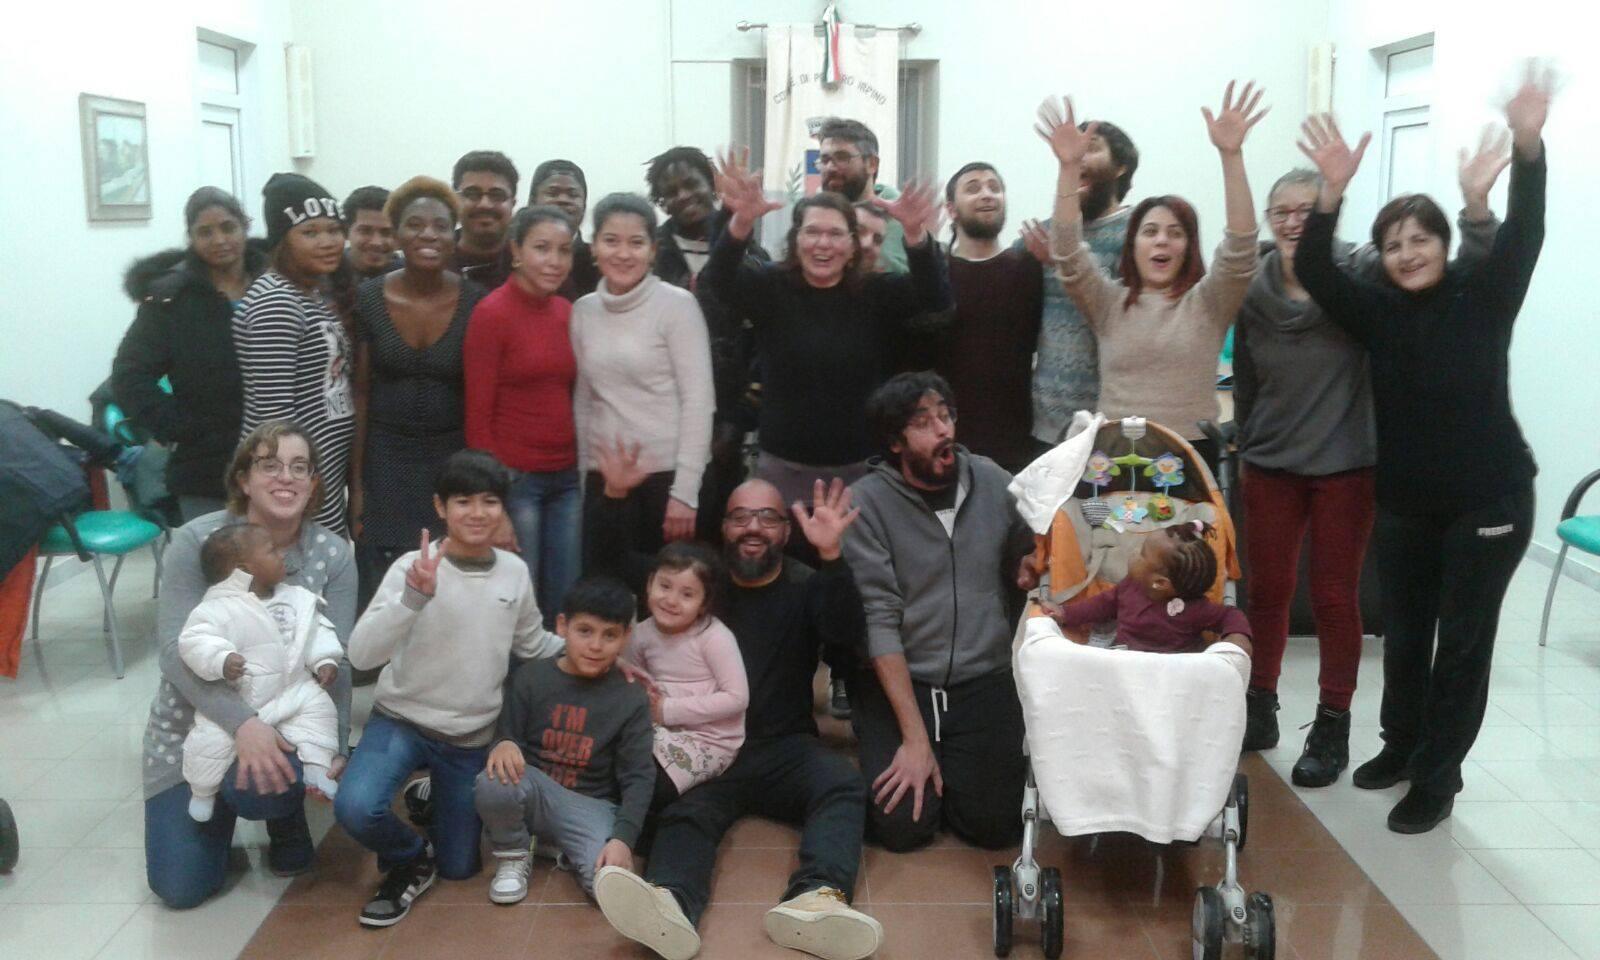 La linfa dei migranti riporta in vita i piccoli borghi italiani